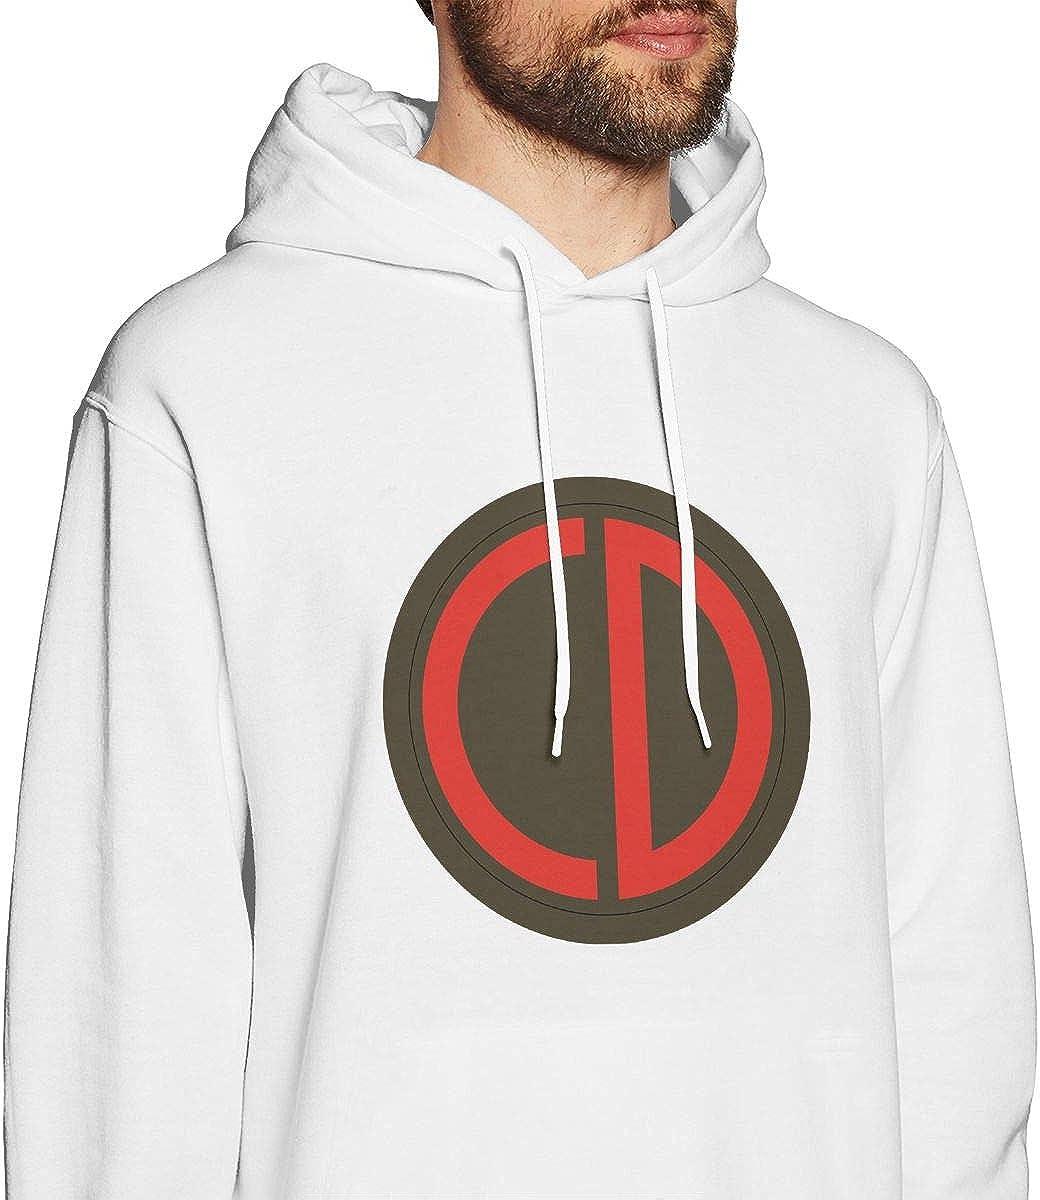 85th Division SSI Mens Hooded Sweatshirt Theme Printed Fashion Hoodie